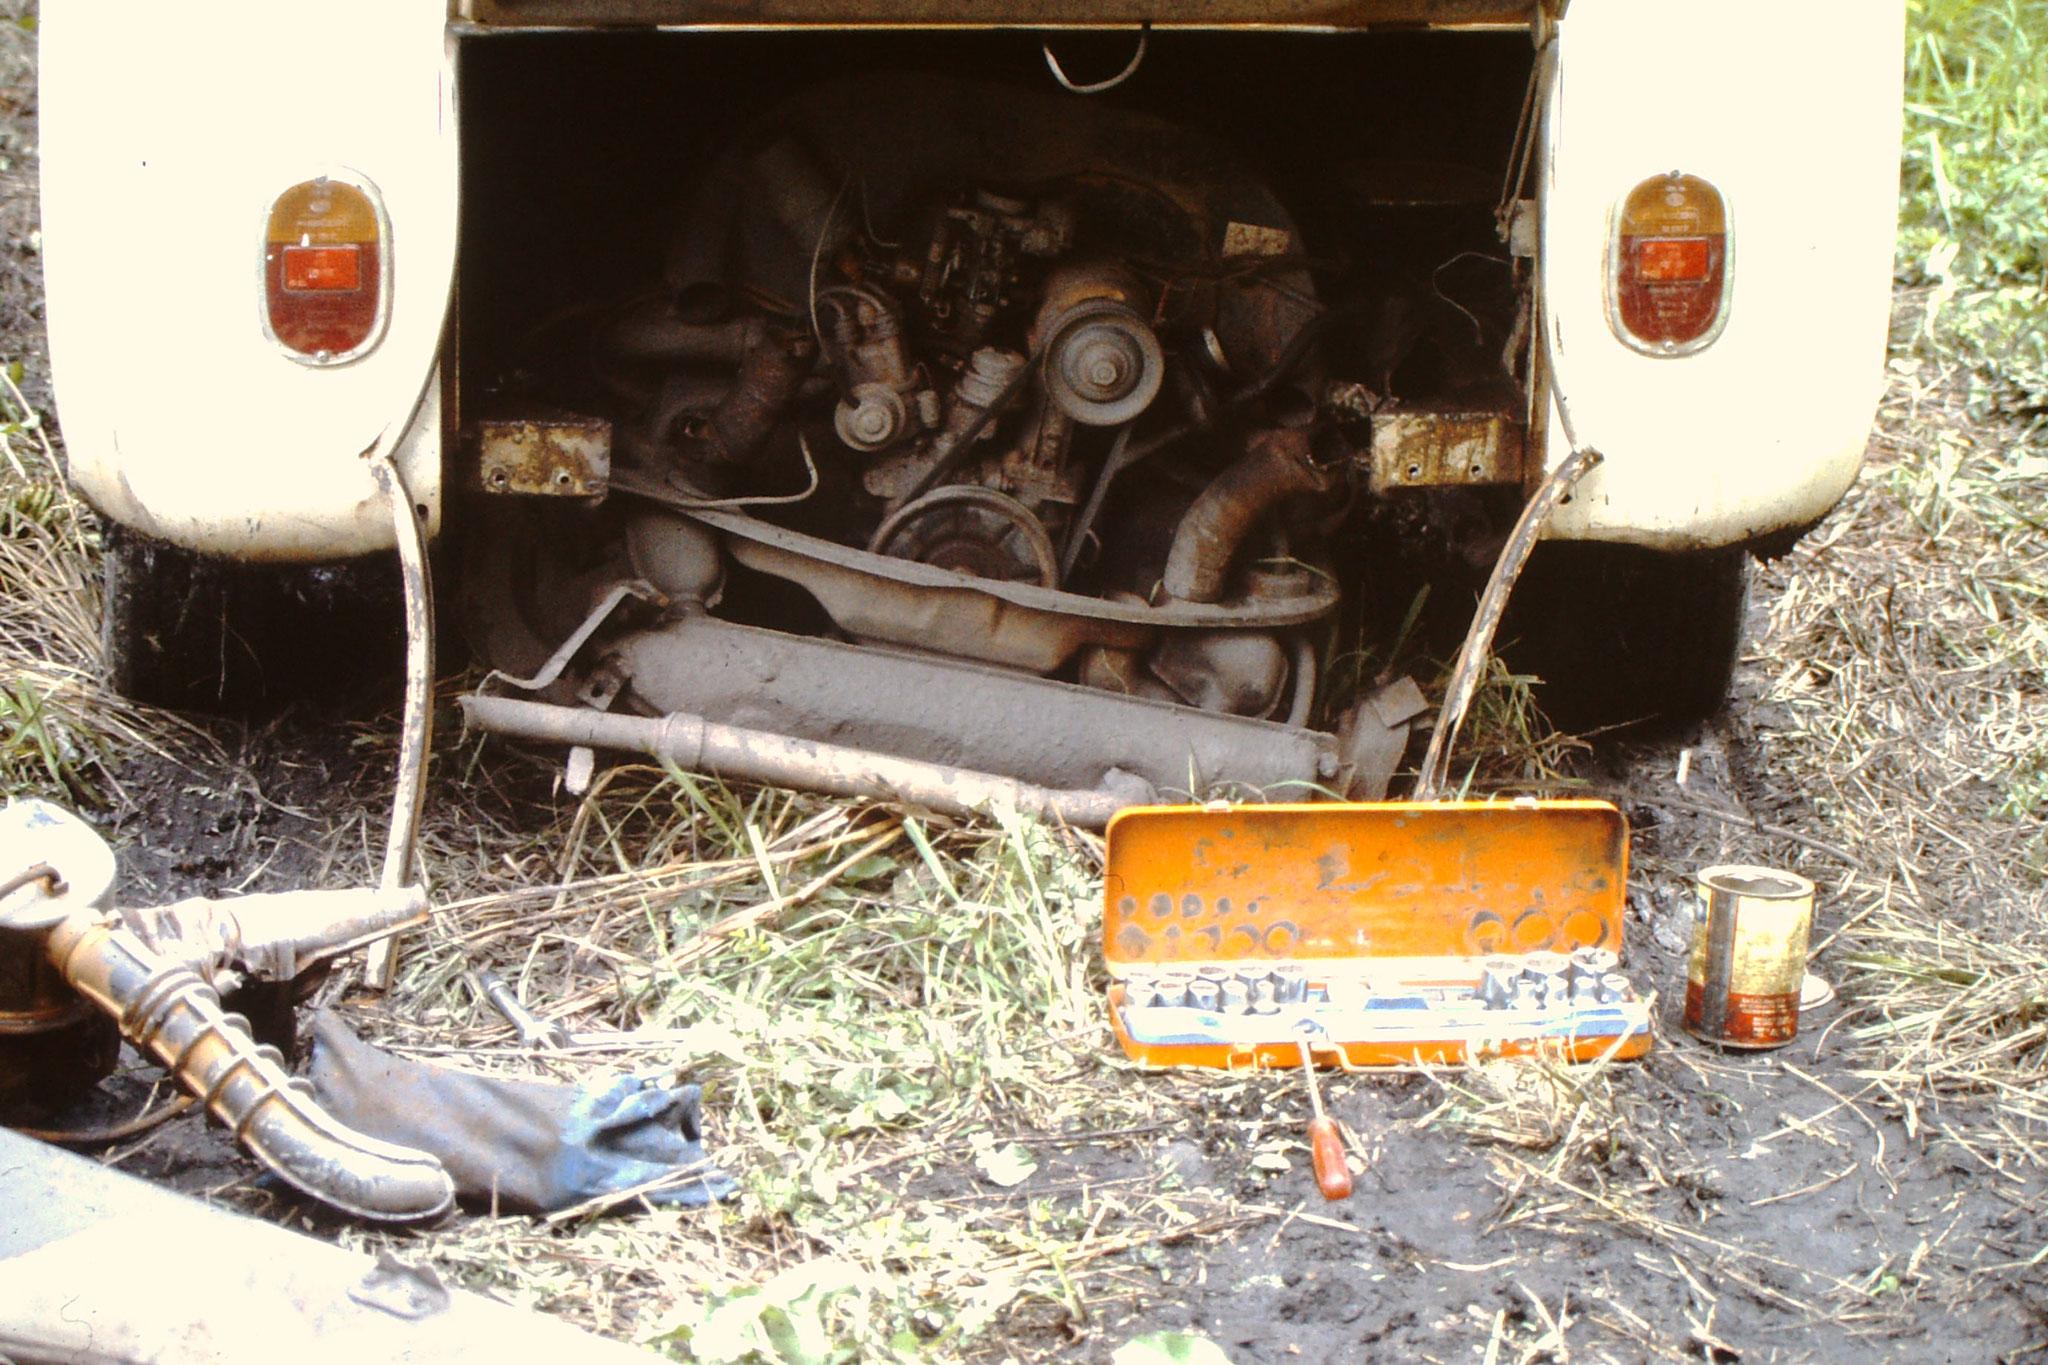 Während der Fahrt ist der Motor im Nationalpark runtergefallen. Die drei Schrauben an denen der Motor befesigt war sind abgebrochen. Weil ich aber im Nationalpark war und weit und breit kein anderes Fahrzeug in Sicht war, versuchte ich mit wenig Erfol